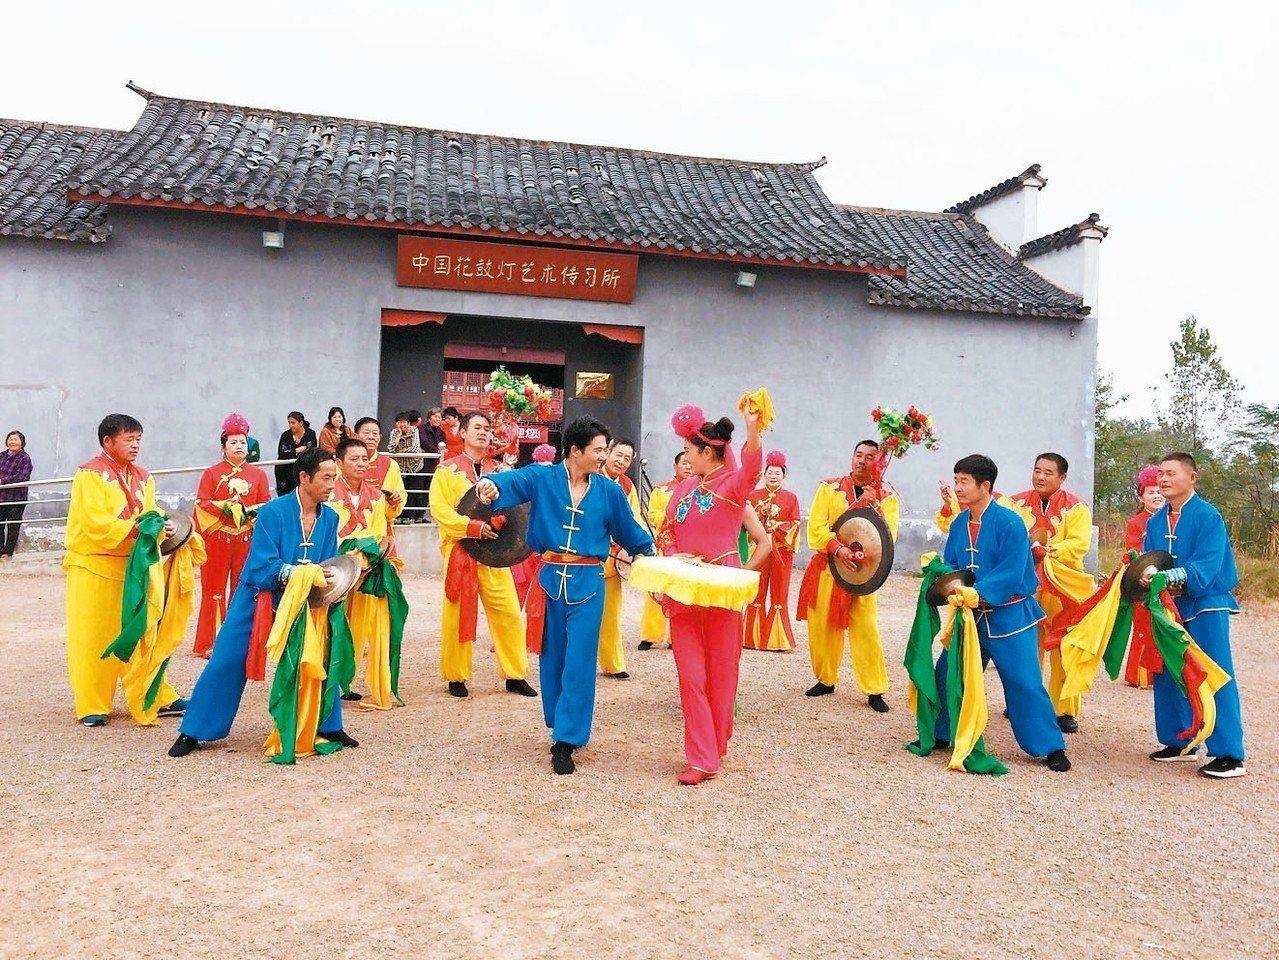 花鼓燈舞蹈歡快熱烈、動作灑脫,是大陸國家級非物質文化遺產。